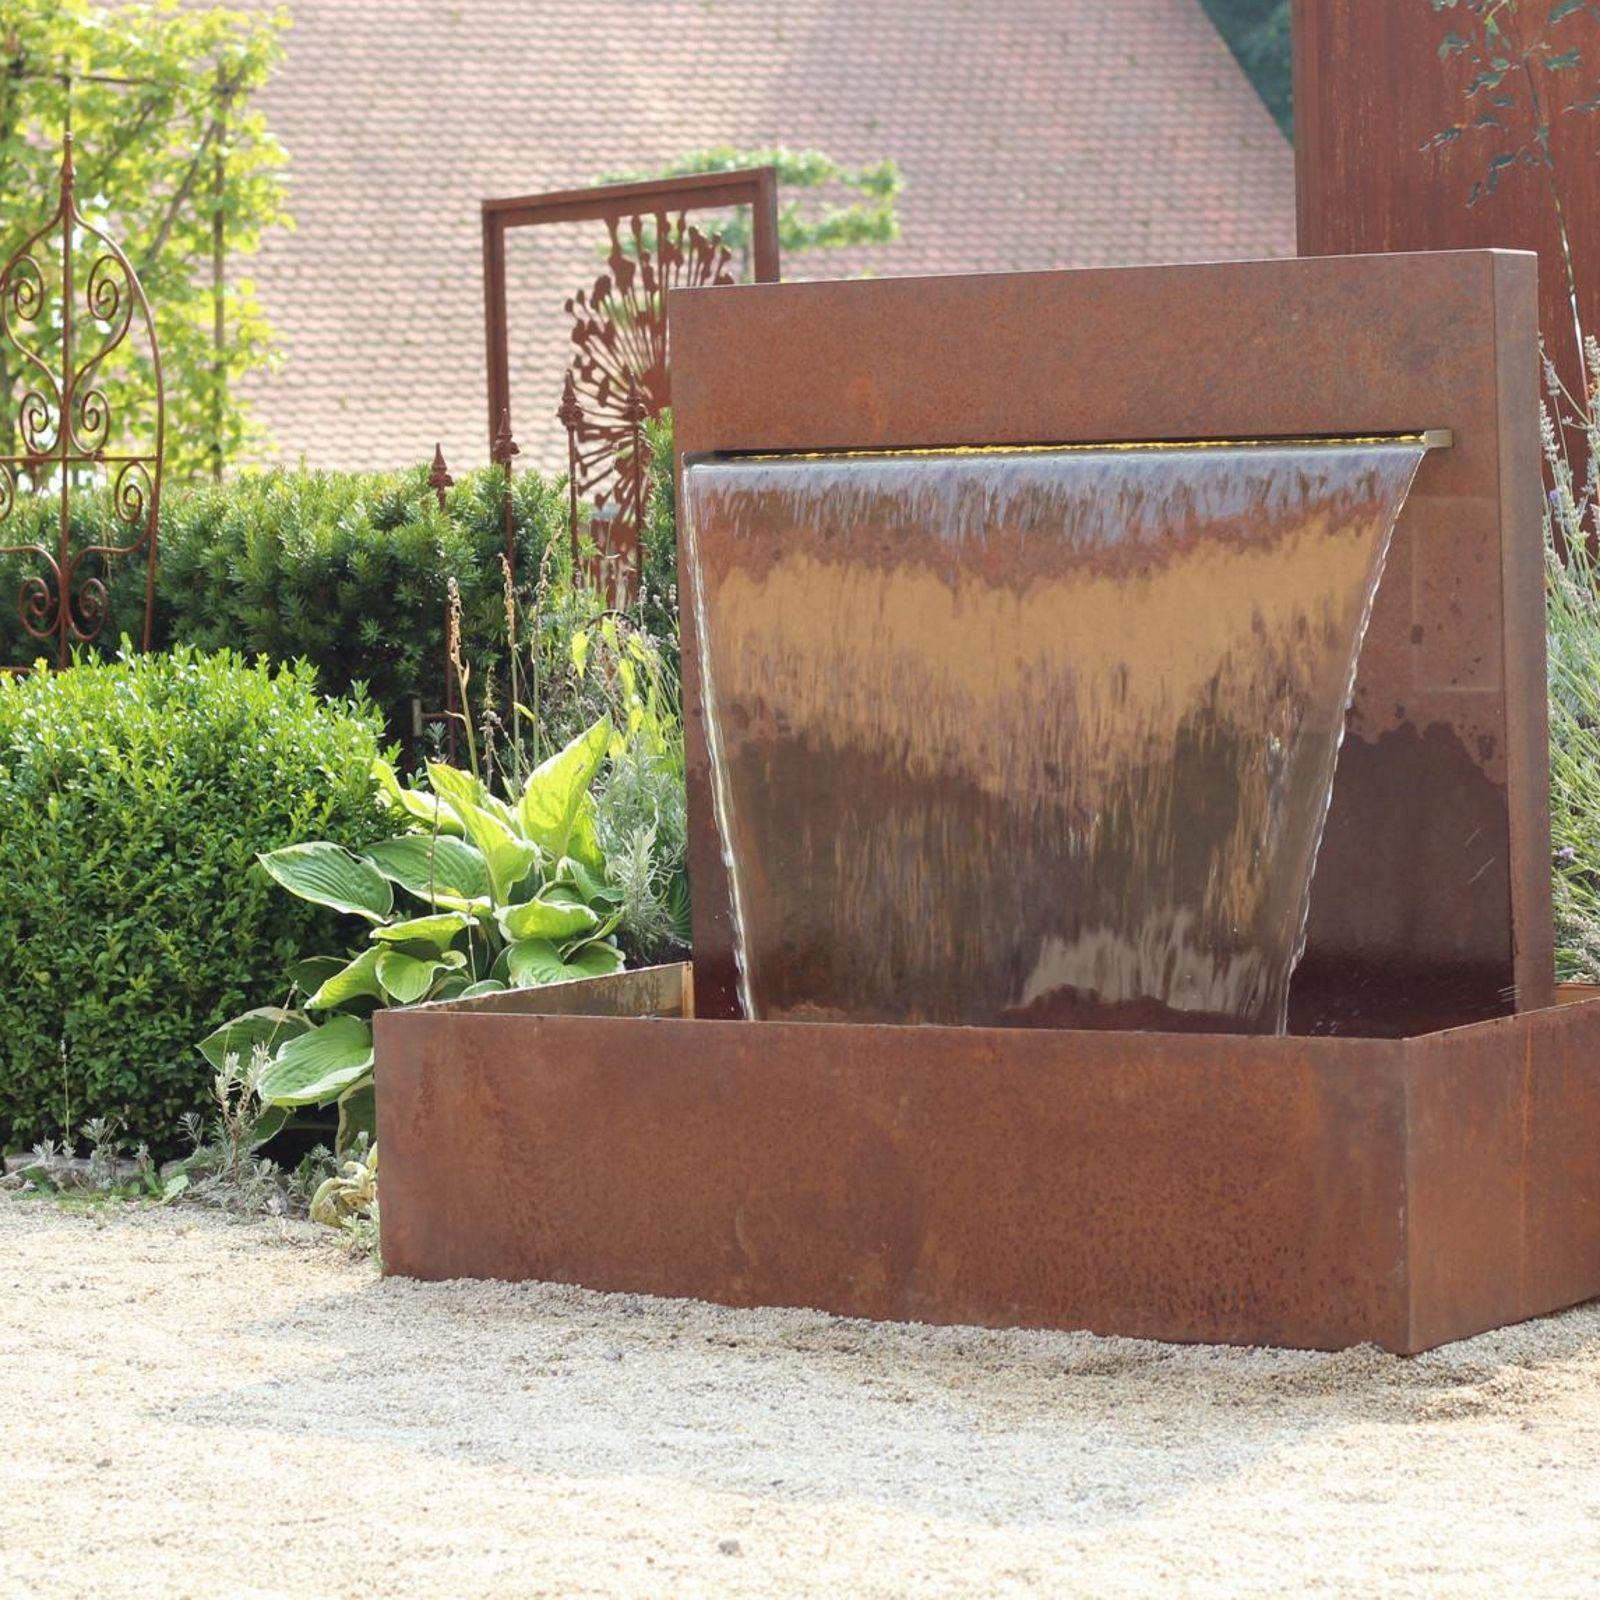 Stahlbrunnen Krauter Pflanzkasten Wasser Im Garten Cortenstahl